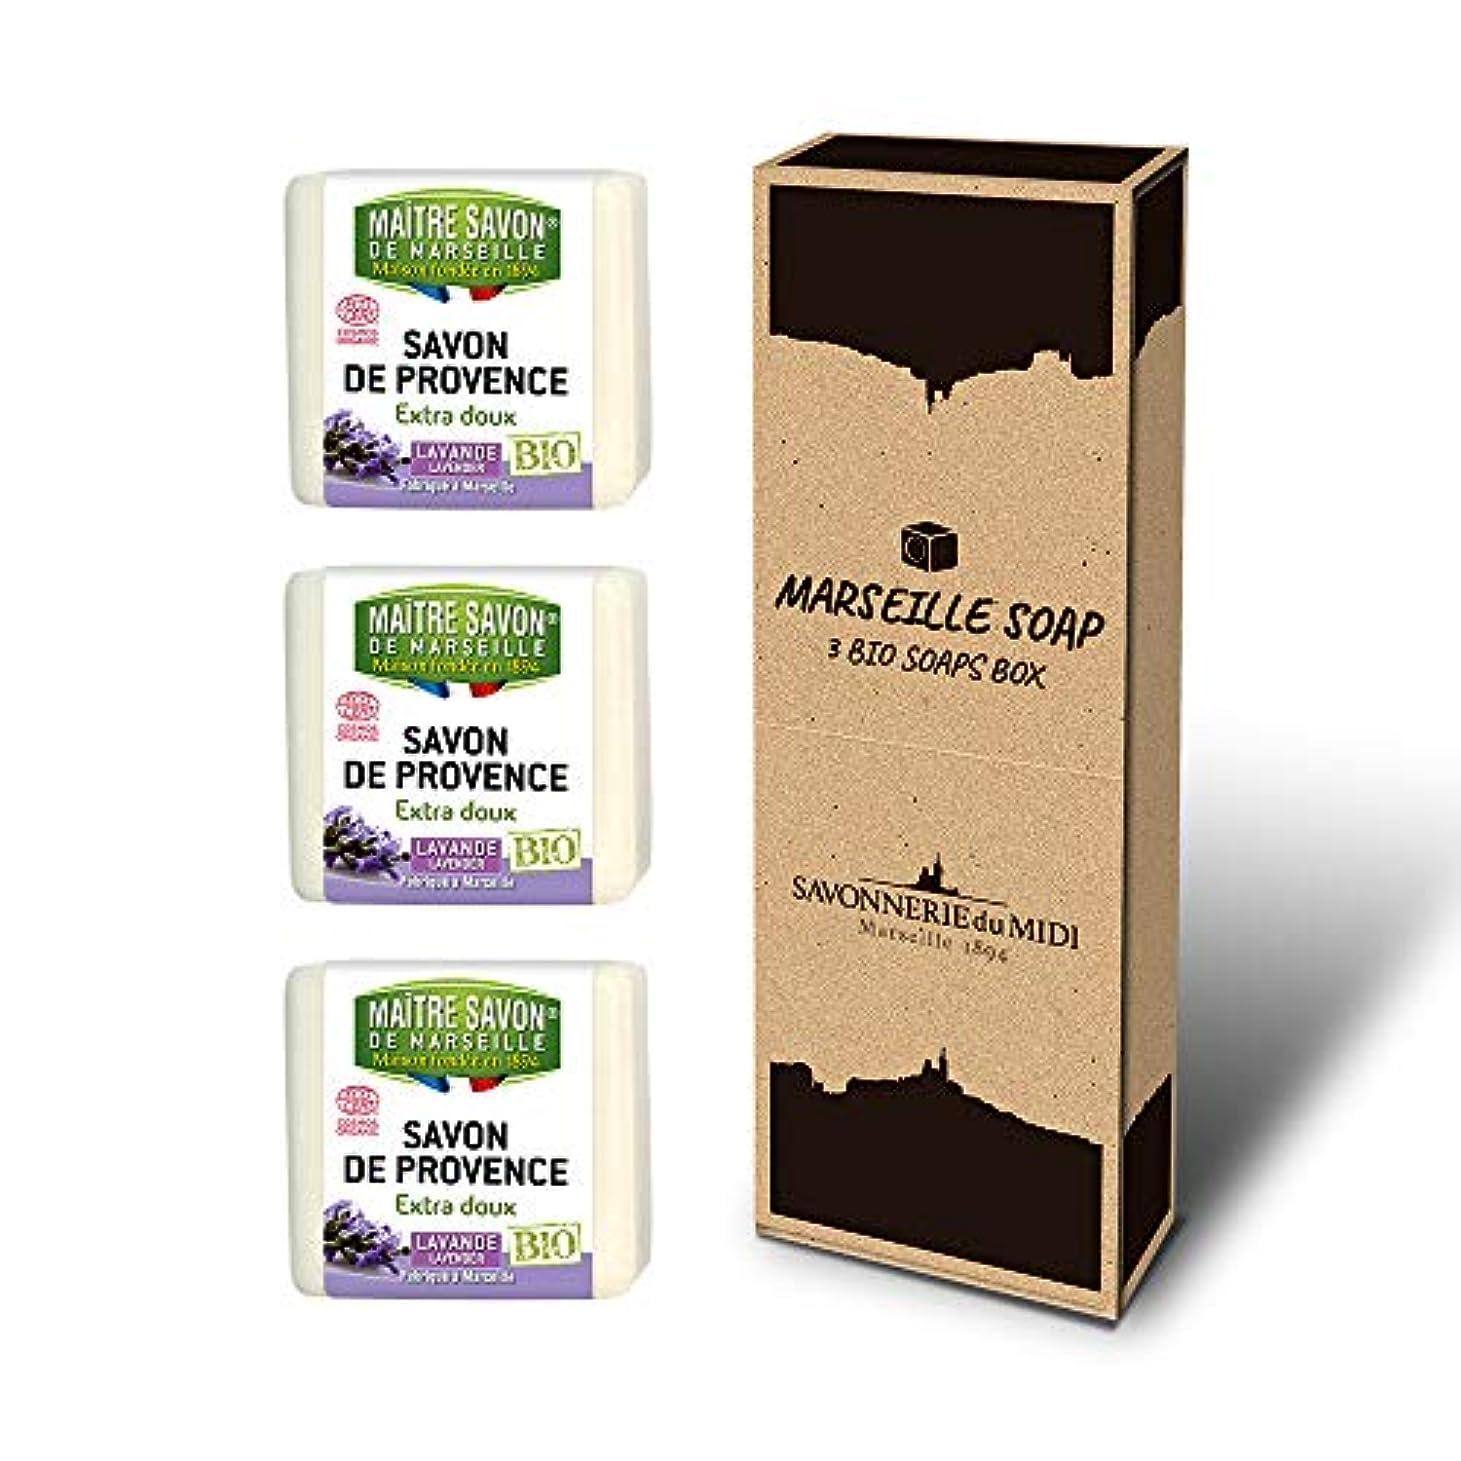 構成鋸歯状アームストロングマルセイユソープ 3BIO SOAPS BOX (ラベンダー)